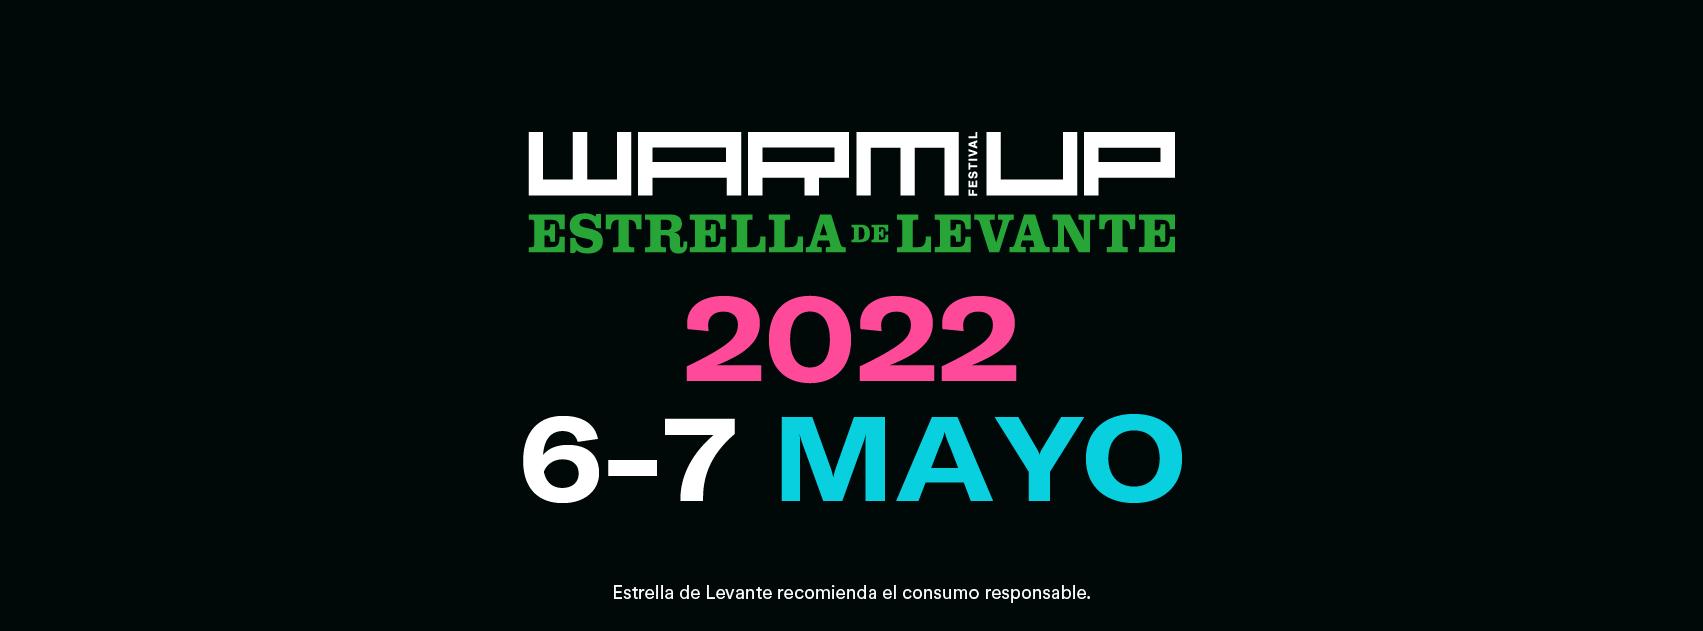 WARM UP Estrella de Levante volverá los días 6 y 7 de mayo de 2022